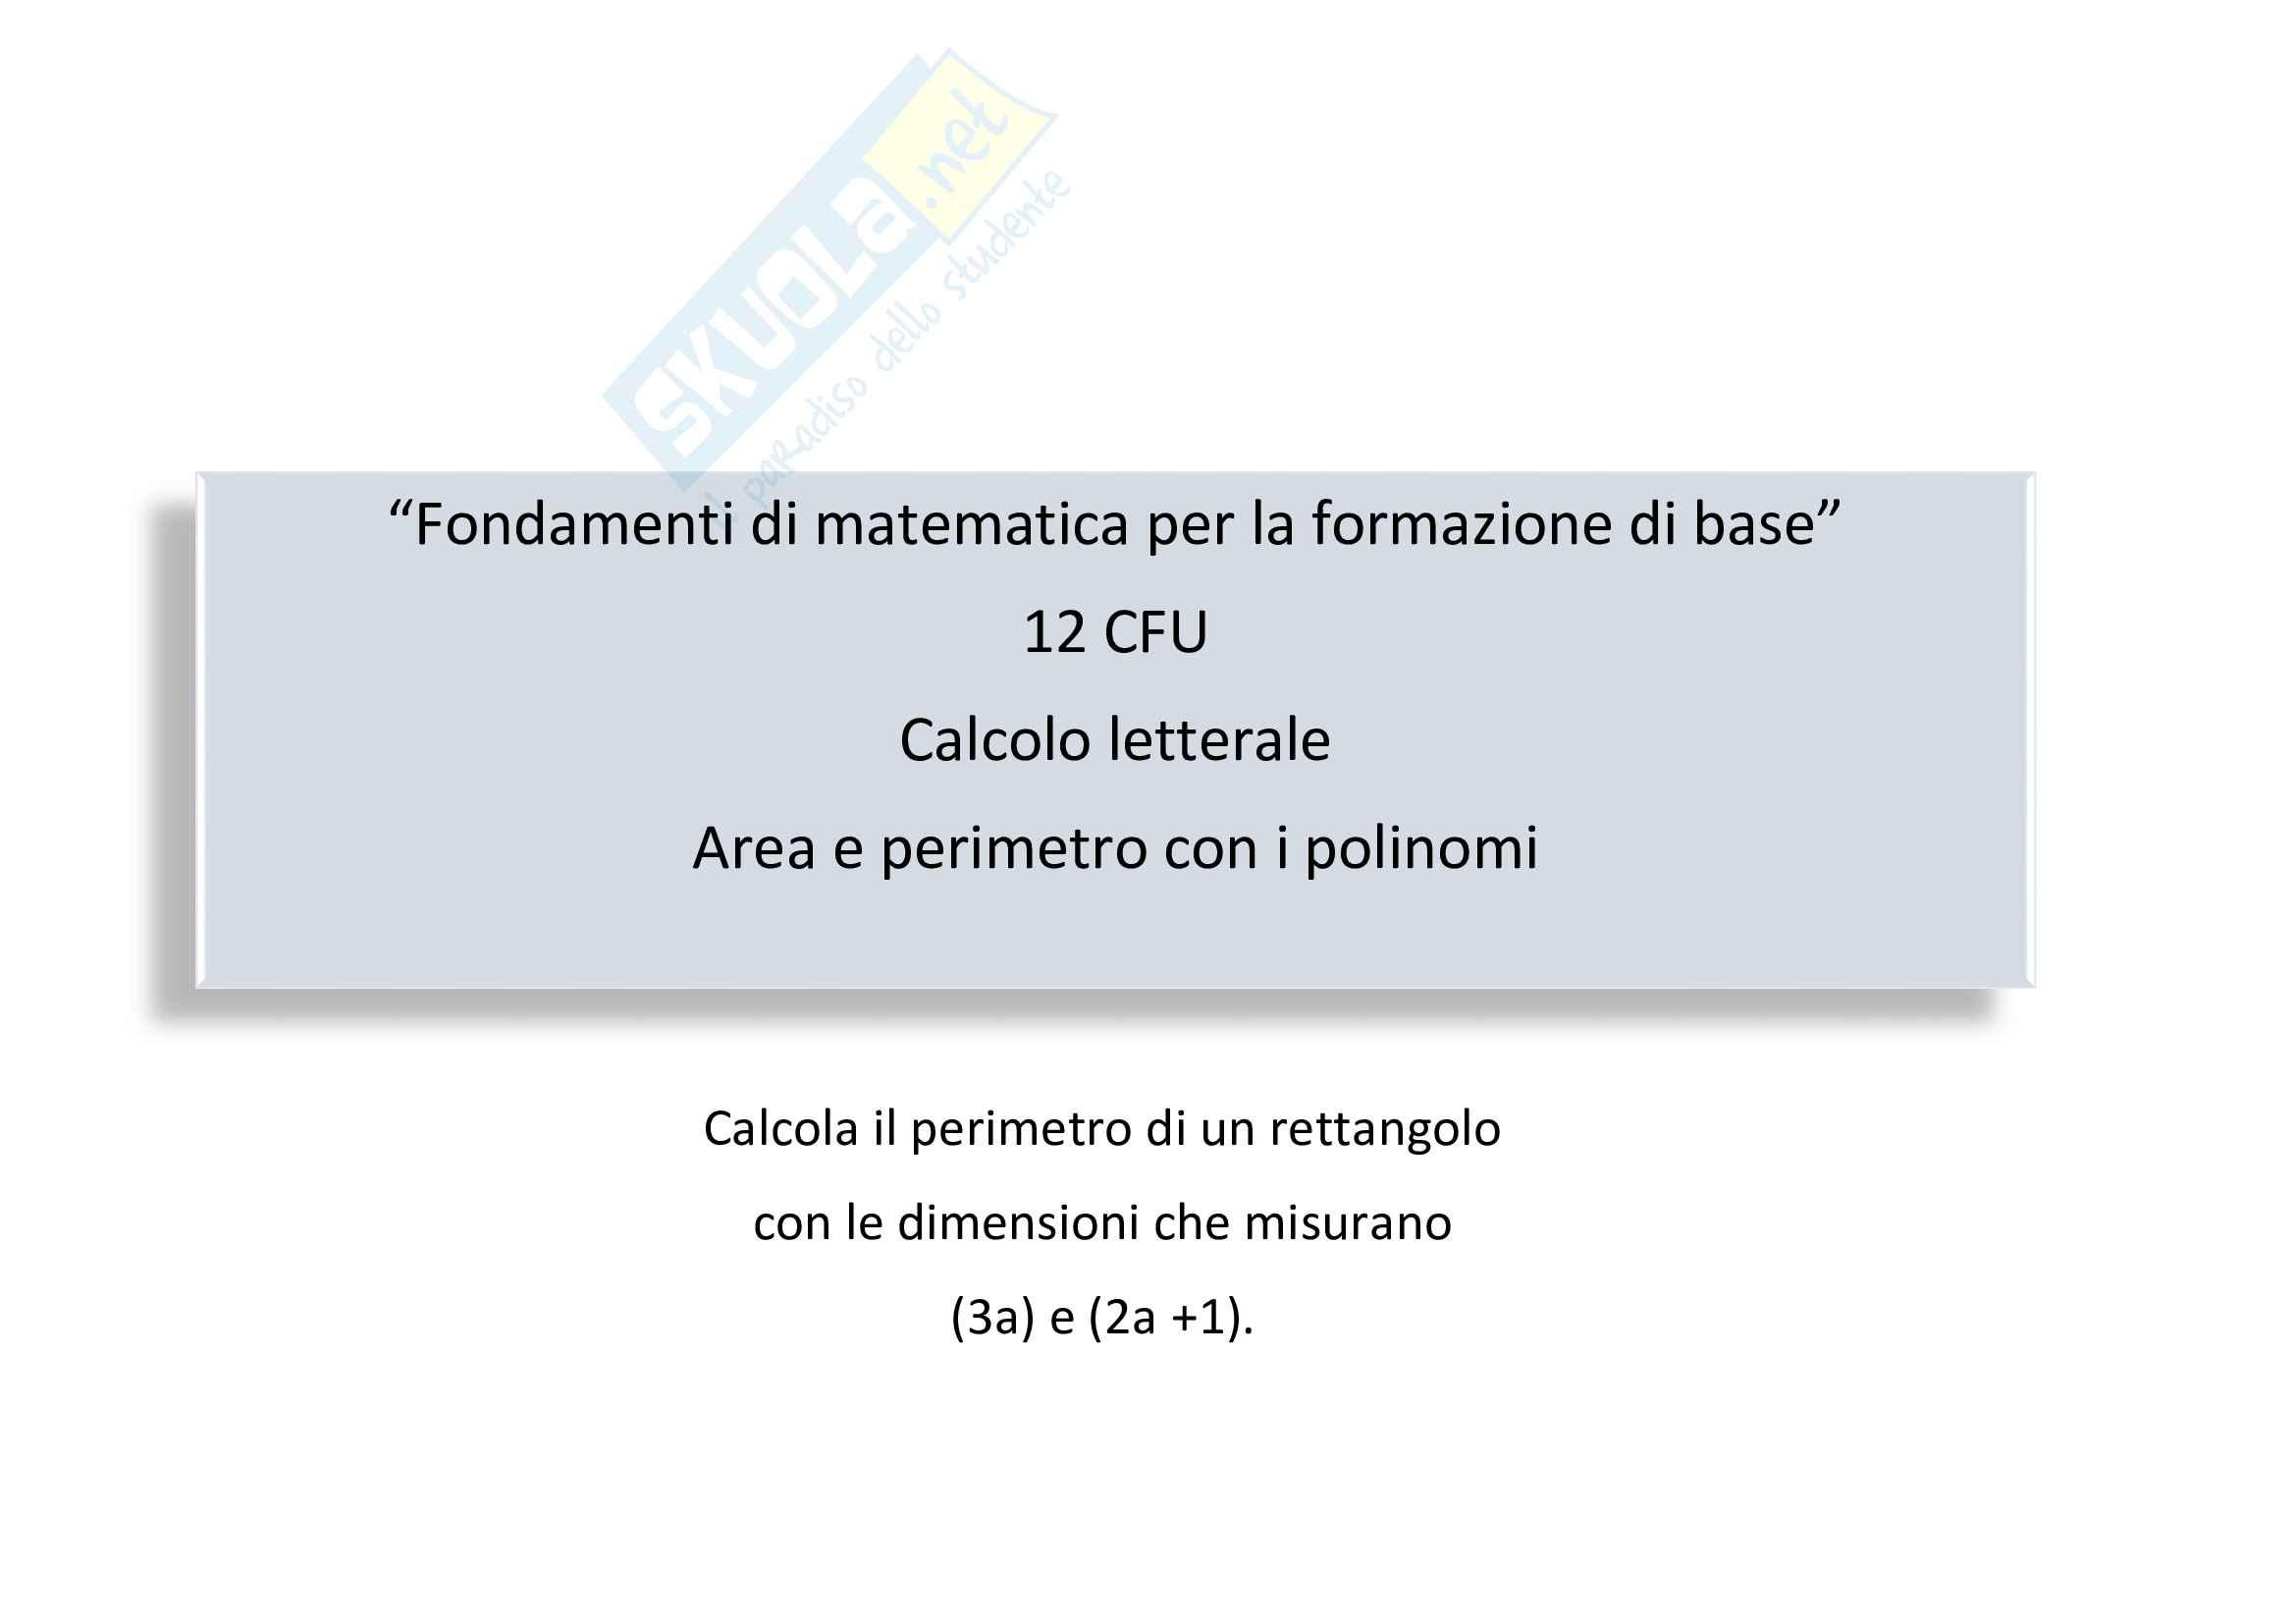 Calcolo letterale: area e perimetro con i polinomi